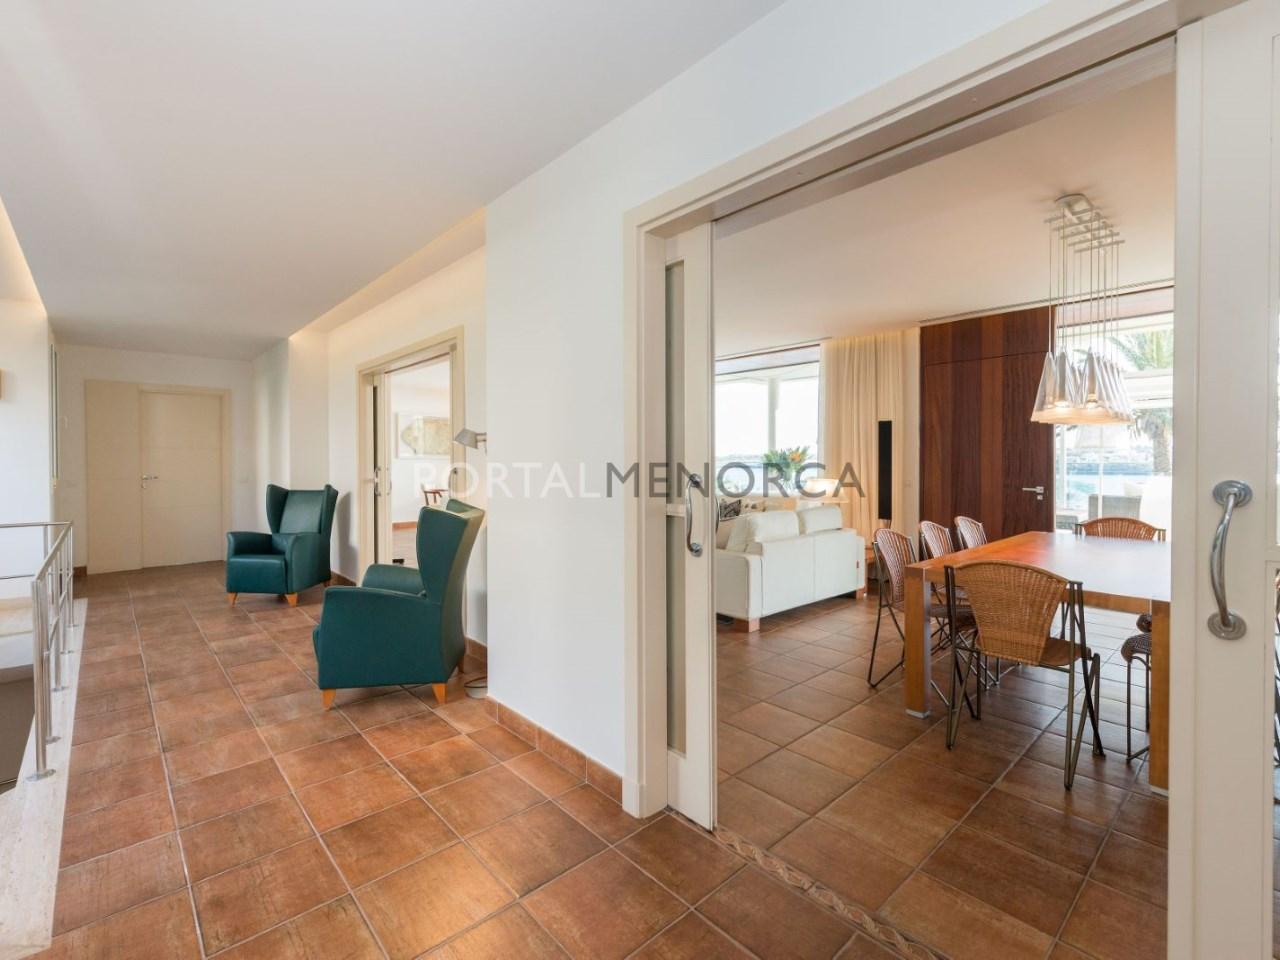 acheter-maison-luxe-menorca (10)